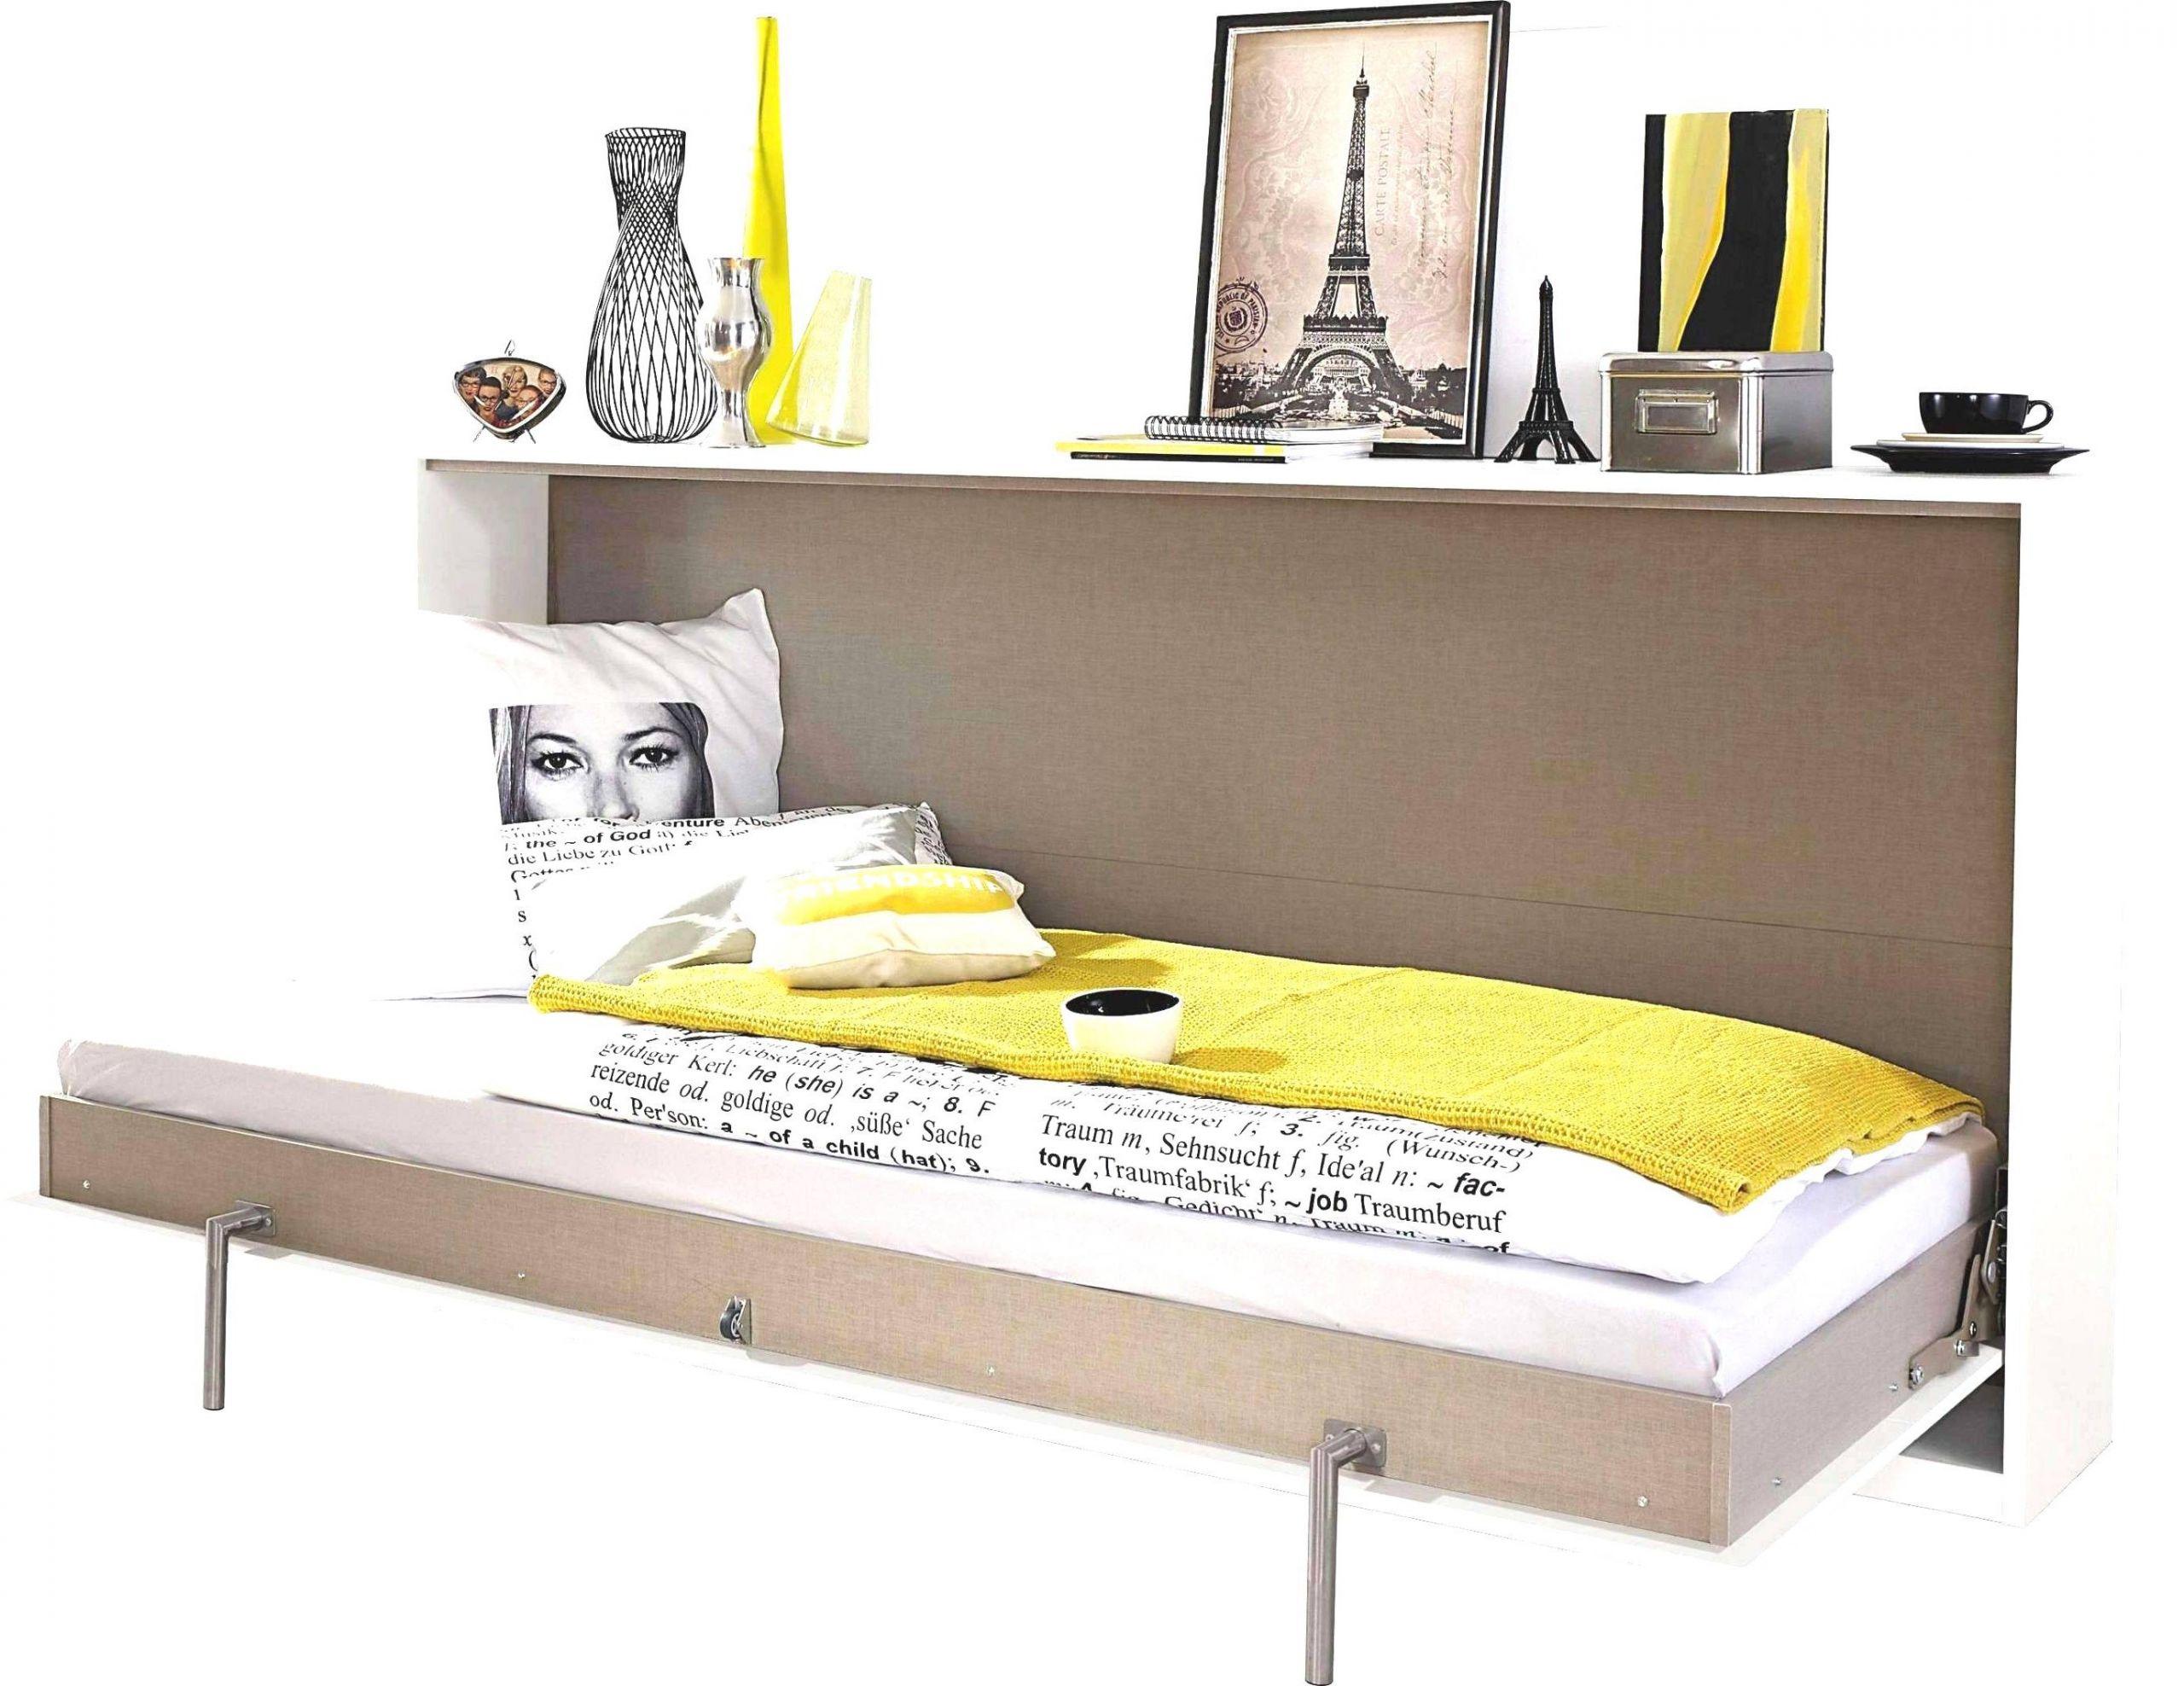 schlafzimmer ideen holz wunderschonen dekoideen wohnzimmer holz das beste von deko und bastelideen deko of schlafzimmer ideen holz